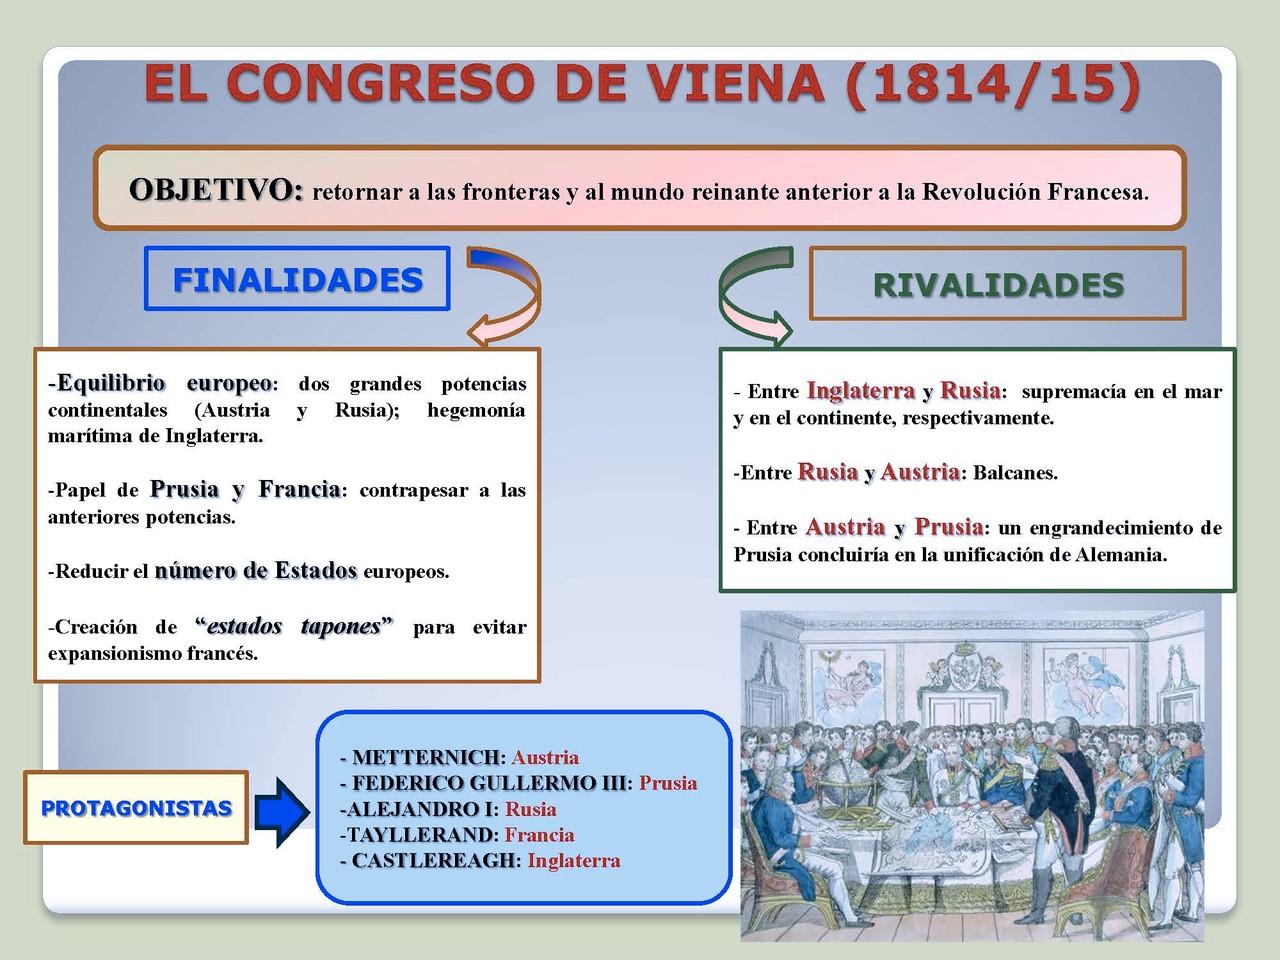 El Congreso de Viena 1814-1815.